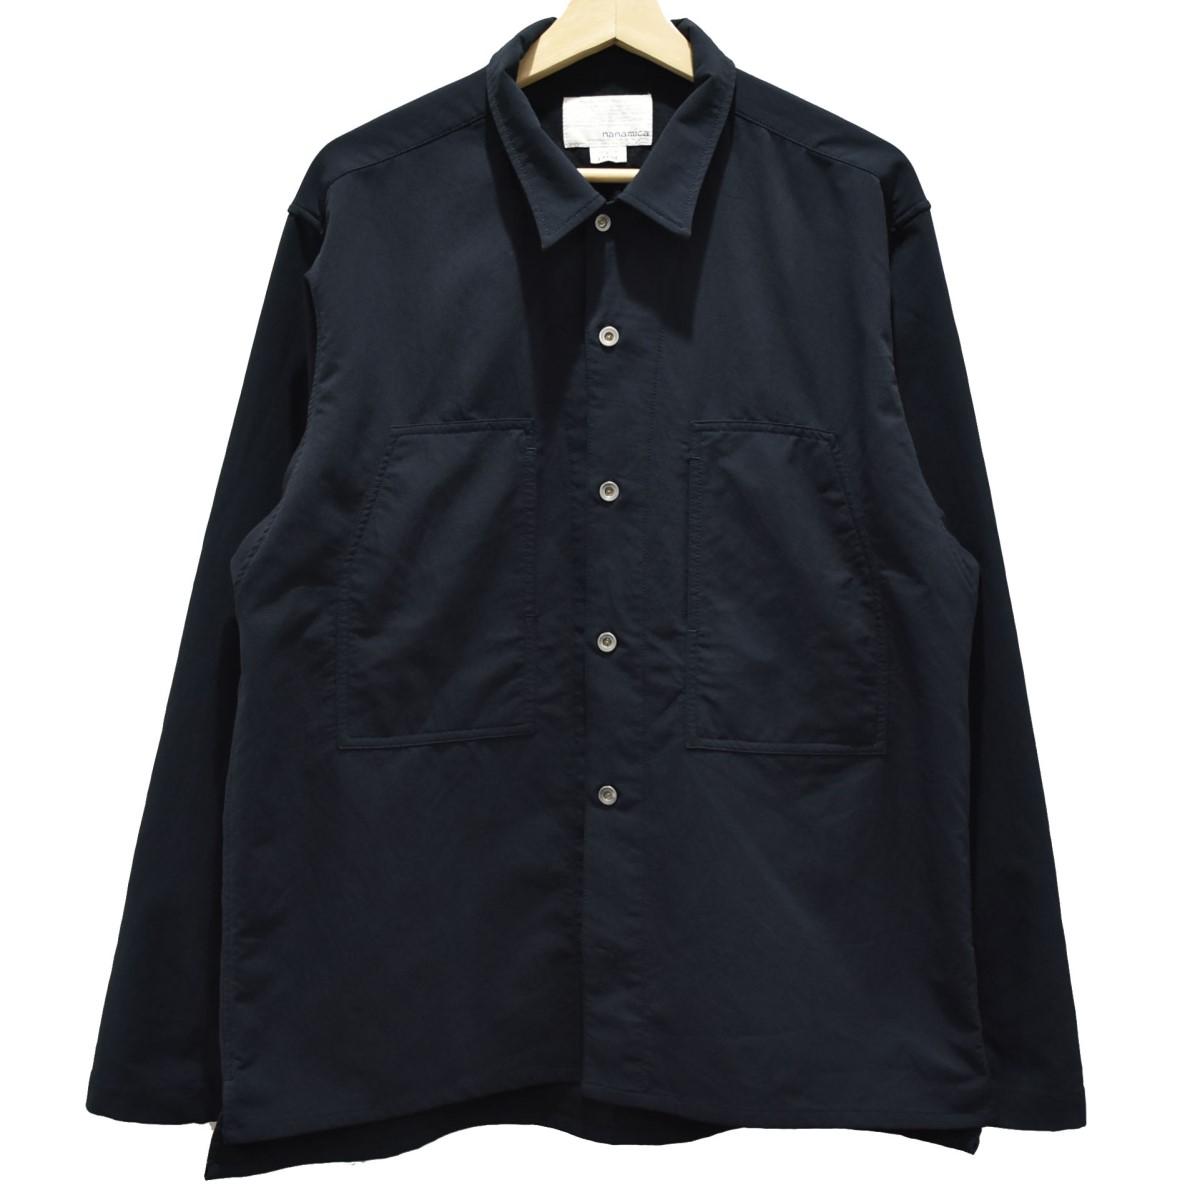 【中古】nanamica ALPHADRY Shirt Jacket シャツジャケット ジャケット ネイビー サイズ:L 【020920】(ナナミカ)